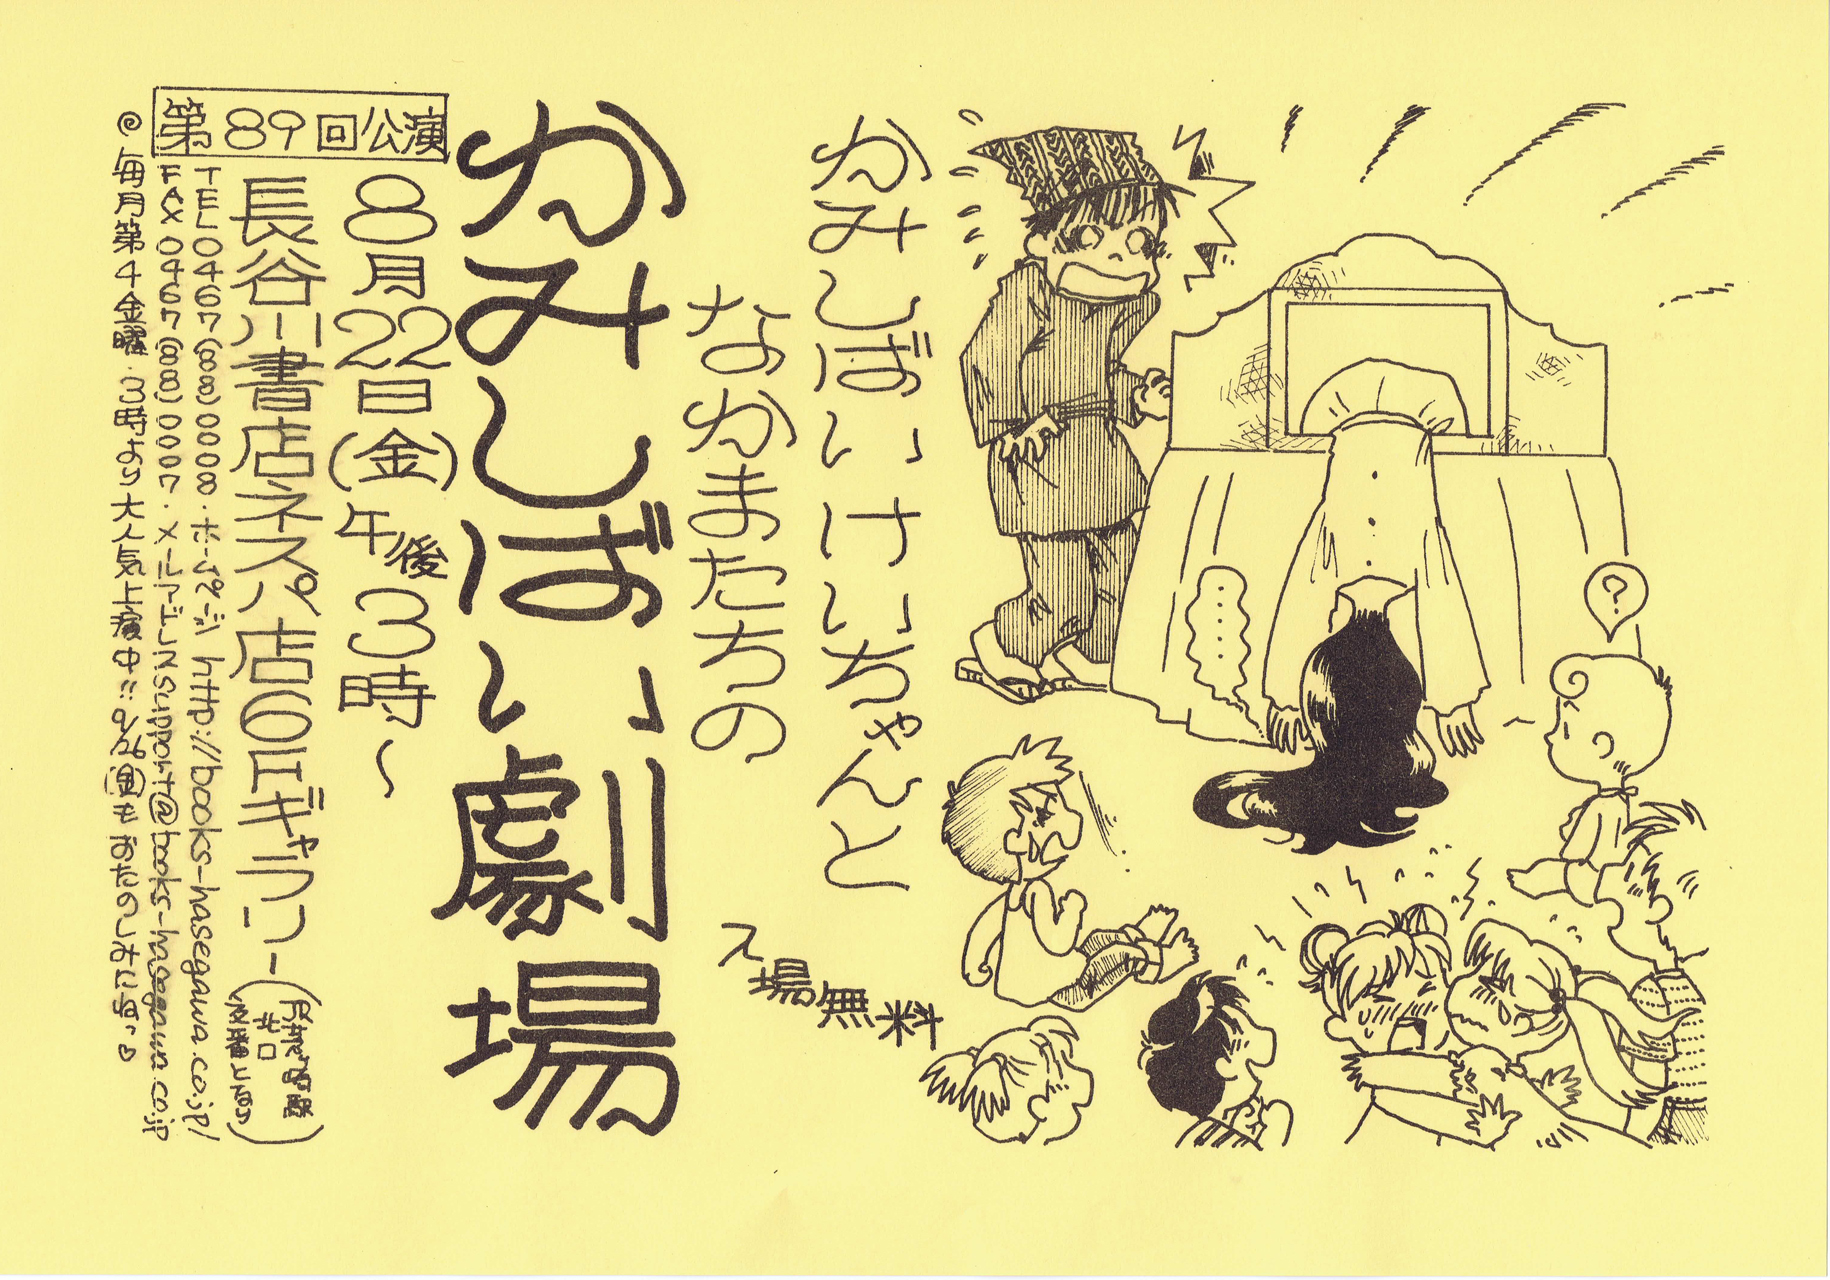 8月22日(金)かみしばい劇場 第89回公演